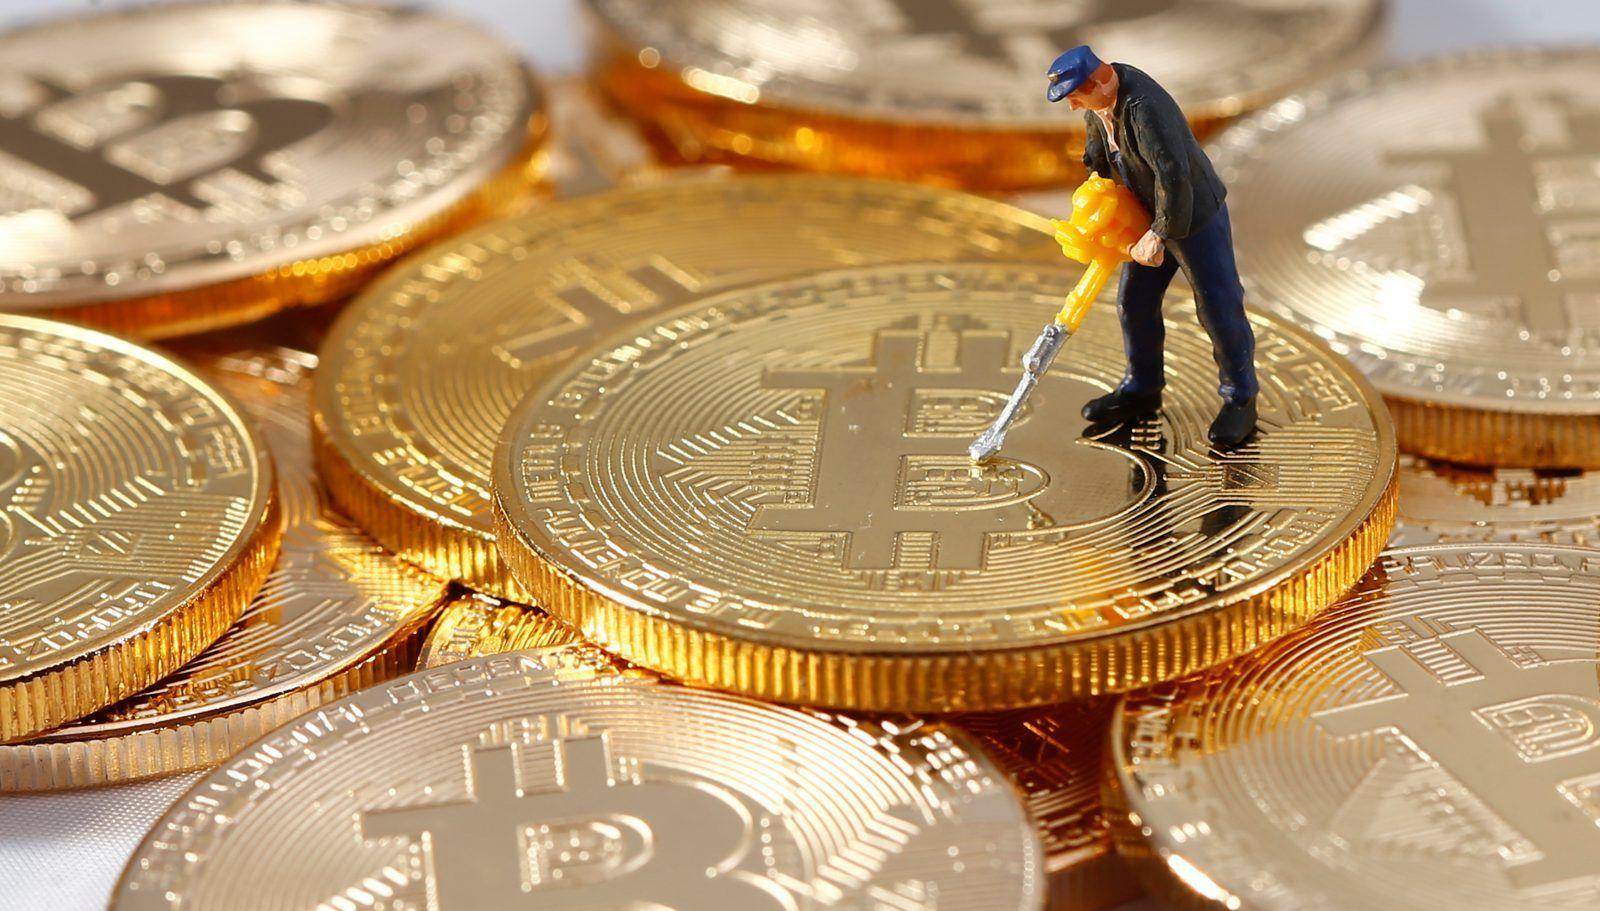 How to buy quartz cryptocurrency